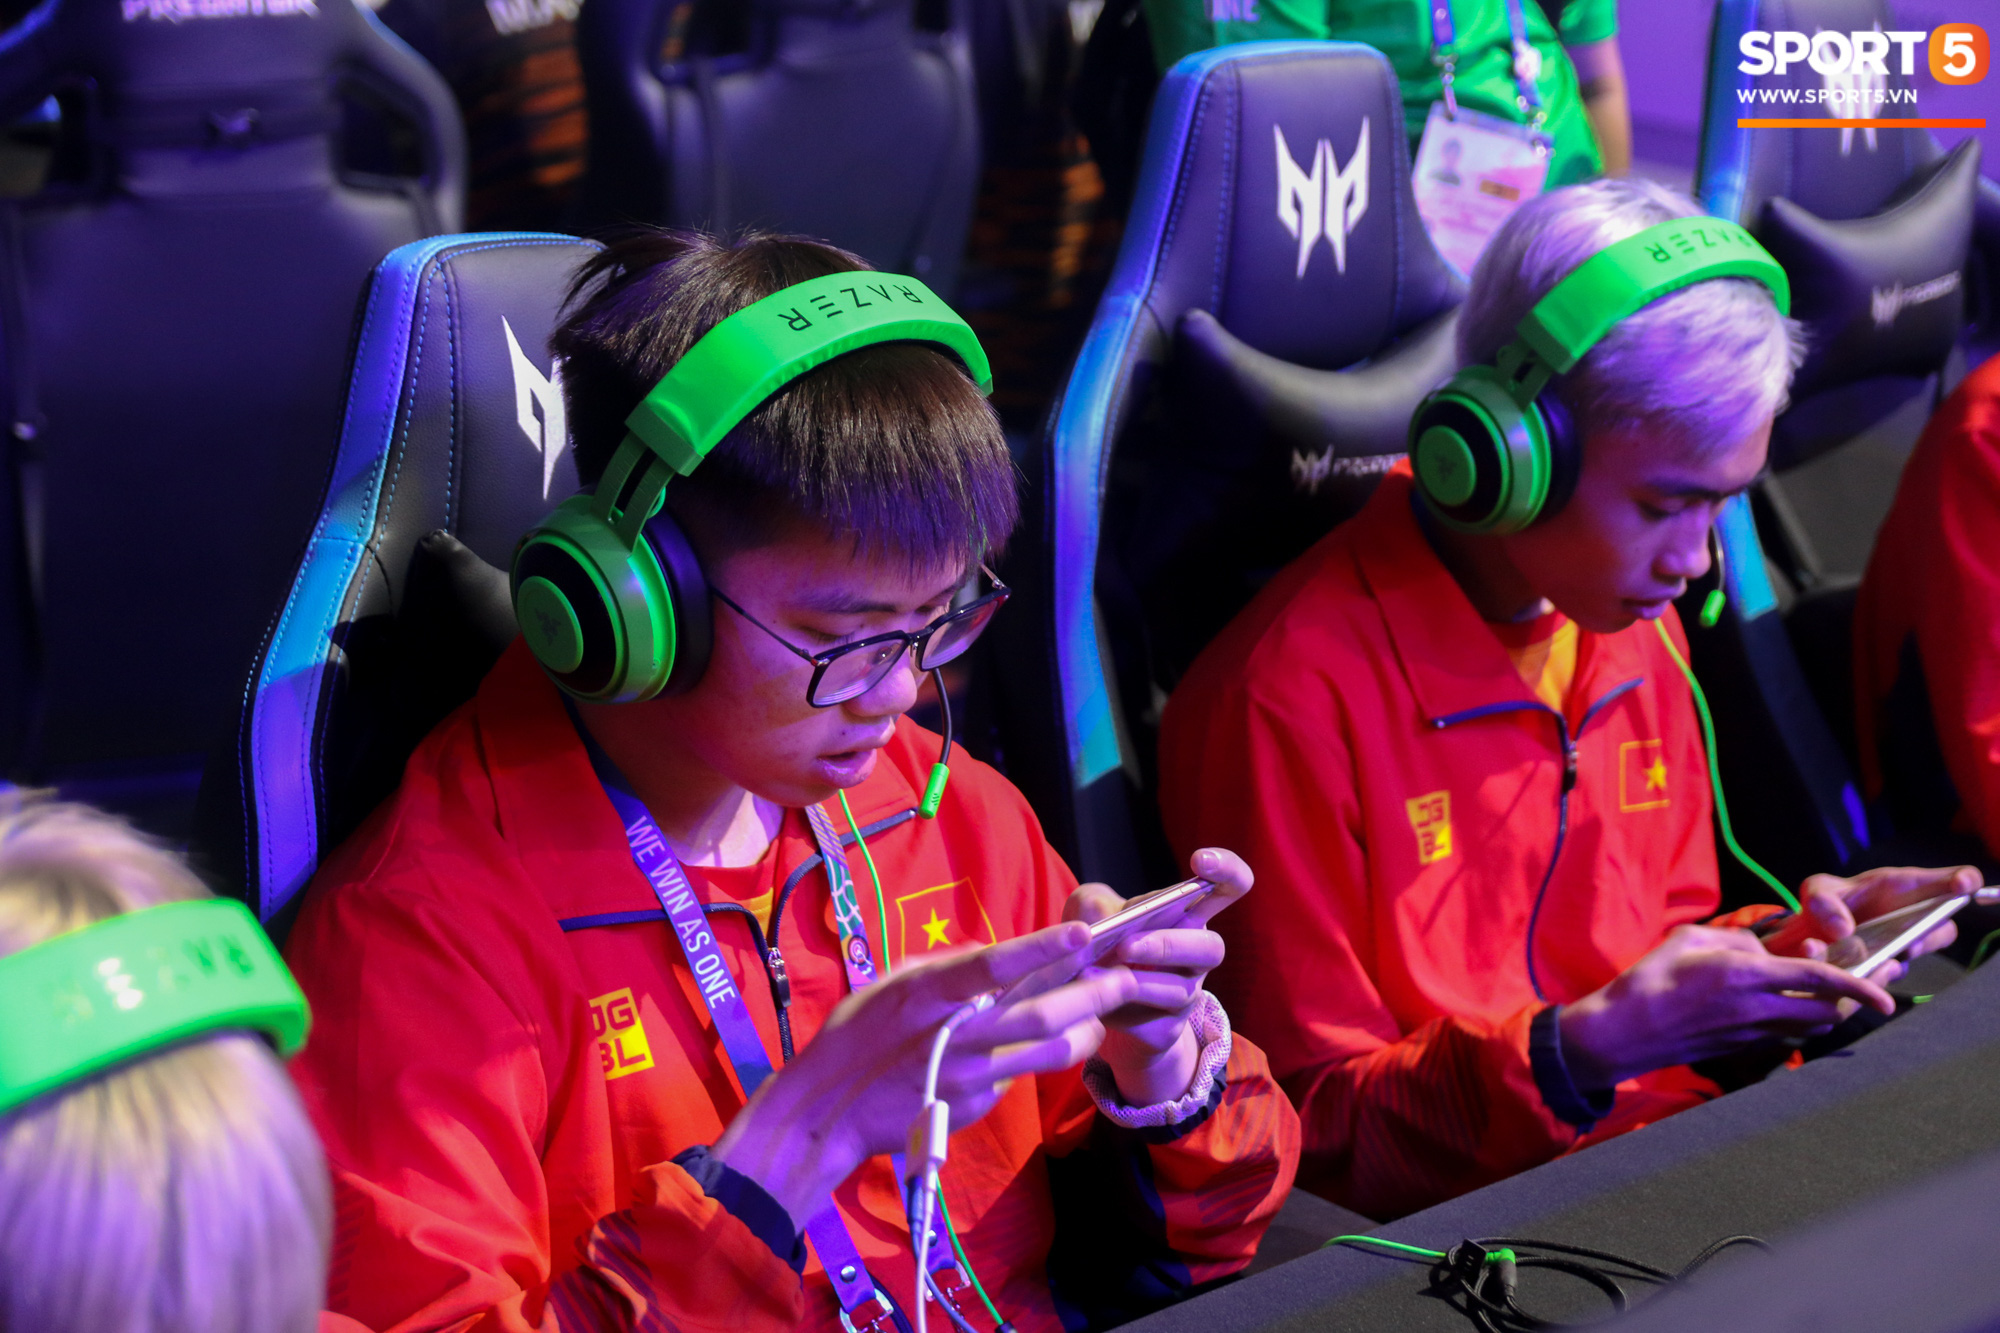 Ngày thi đấu thứ 3 của Esports tại SEA Games 30: Tưởng yên ổn nhưng chủ nhà lại khiến VĐV Việt Nam đau đầu vì sự cố mất mạng, sập nguồn - Ảnh 1.